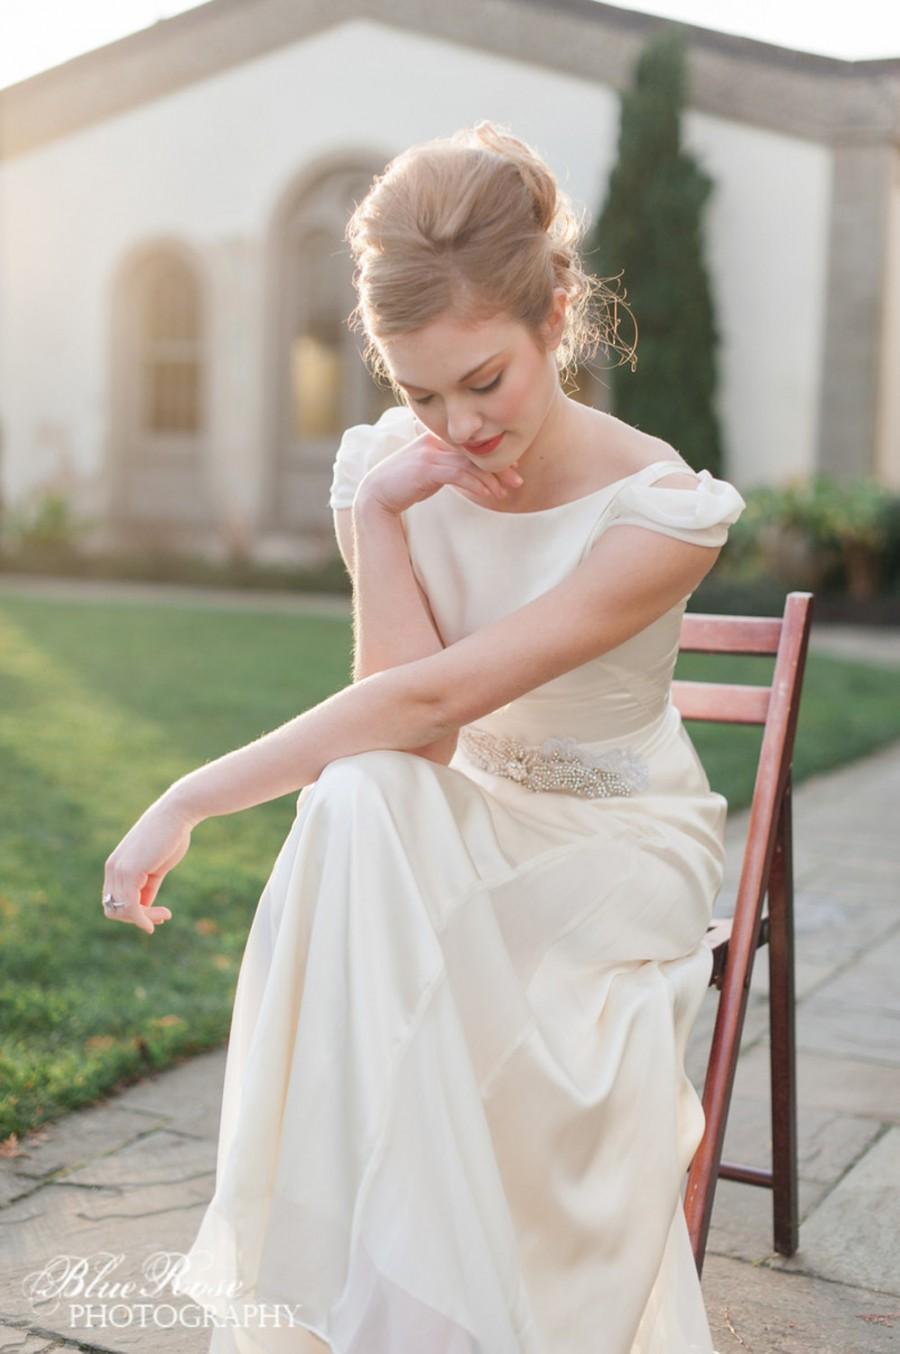 Wedding - Retro Wedding Dress, Cap Sleeve Wedding Dress, Ivory Silk Modest Wedding Dress, Vintage 1930s Inspired Sheath Wedding Dress - Stella Gown